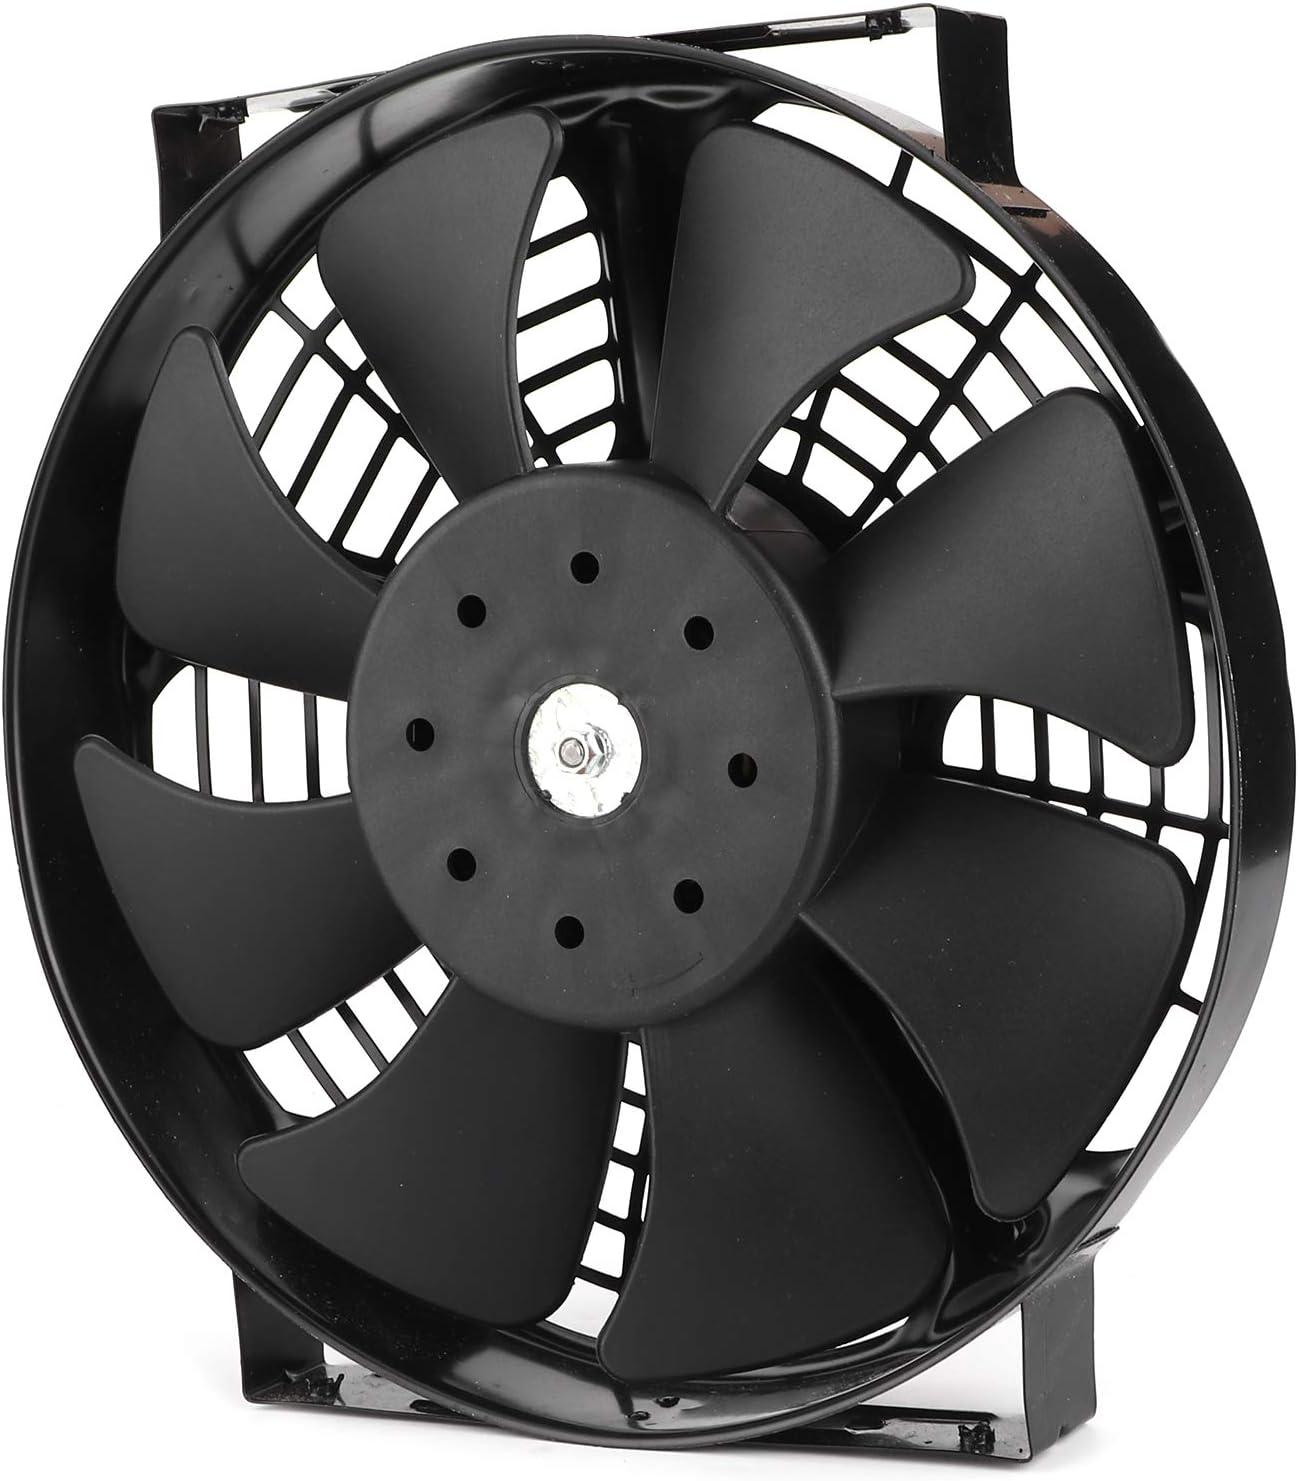 Ventilador del Motor, Ventilador eléctrico de la CA de la Fan del Aire Acondicionado del Coche Fan del Coche del refrigerador de 12 voltios para el Coche